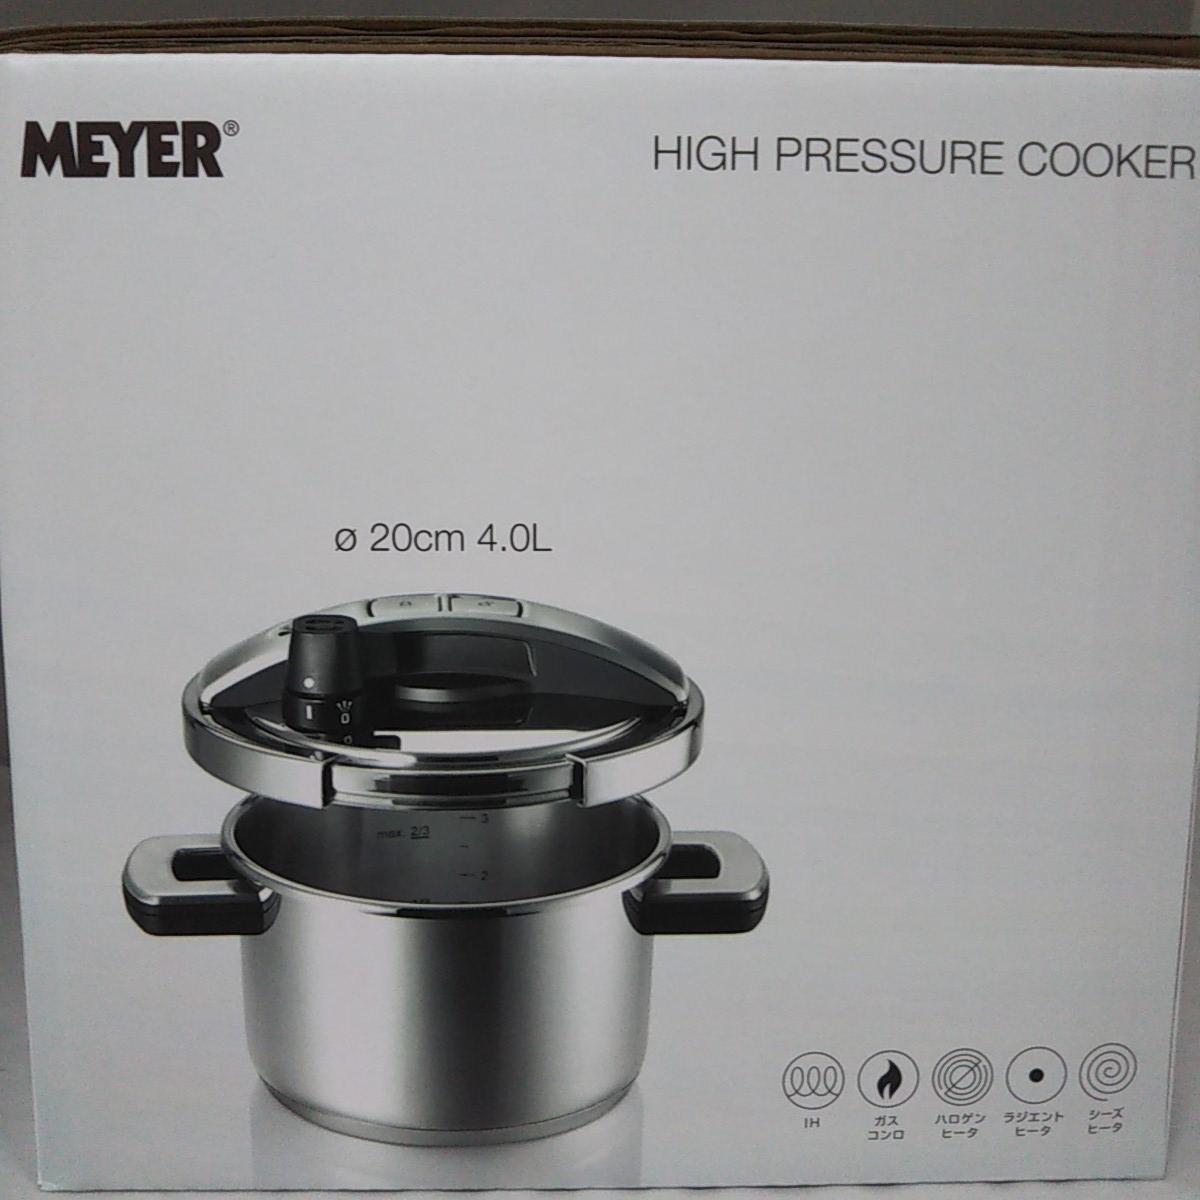 Meyer 圧力鍋 シルバー ハイプレッシャークッカー 4.0L YR-PC4.0 送料無料